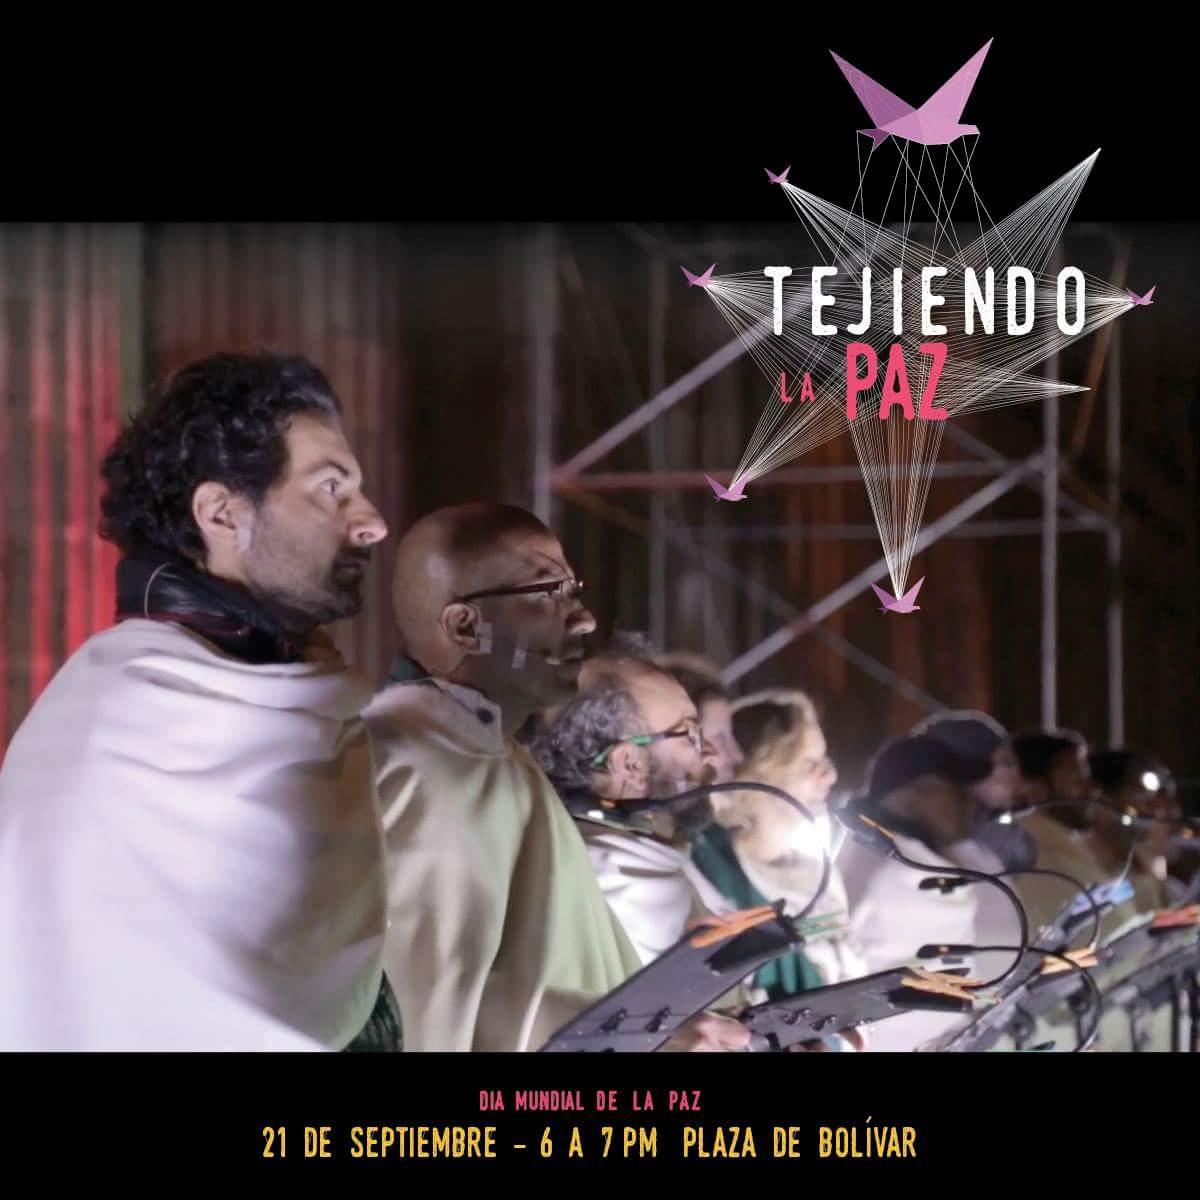 Hoy más de 120 artistas, música, proyecciones y una gran puesta en escena en #TejiendoLaPaz. Invita @mincultura https://t.co/xQzIqD5twc